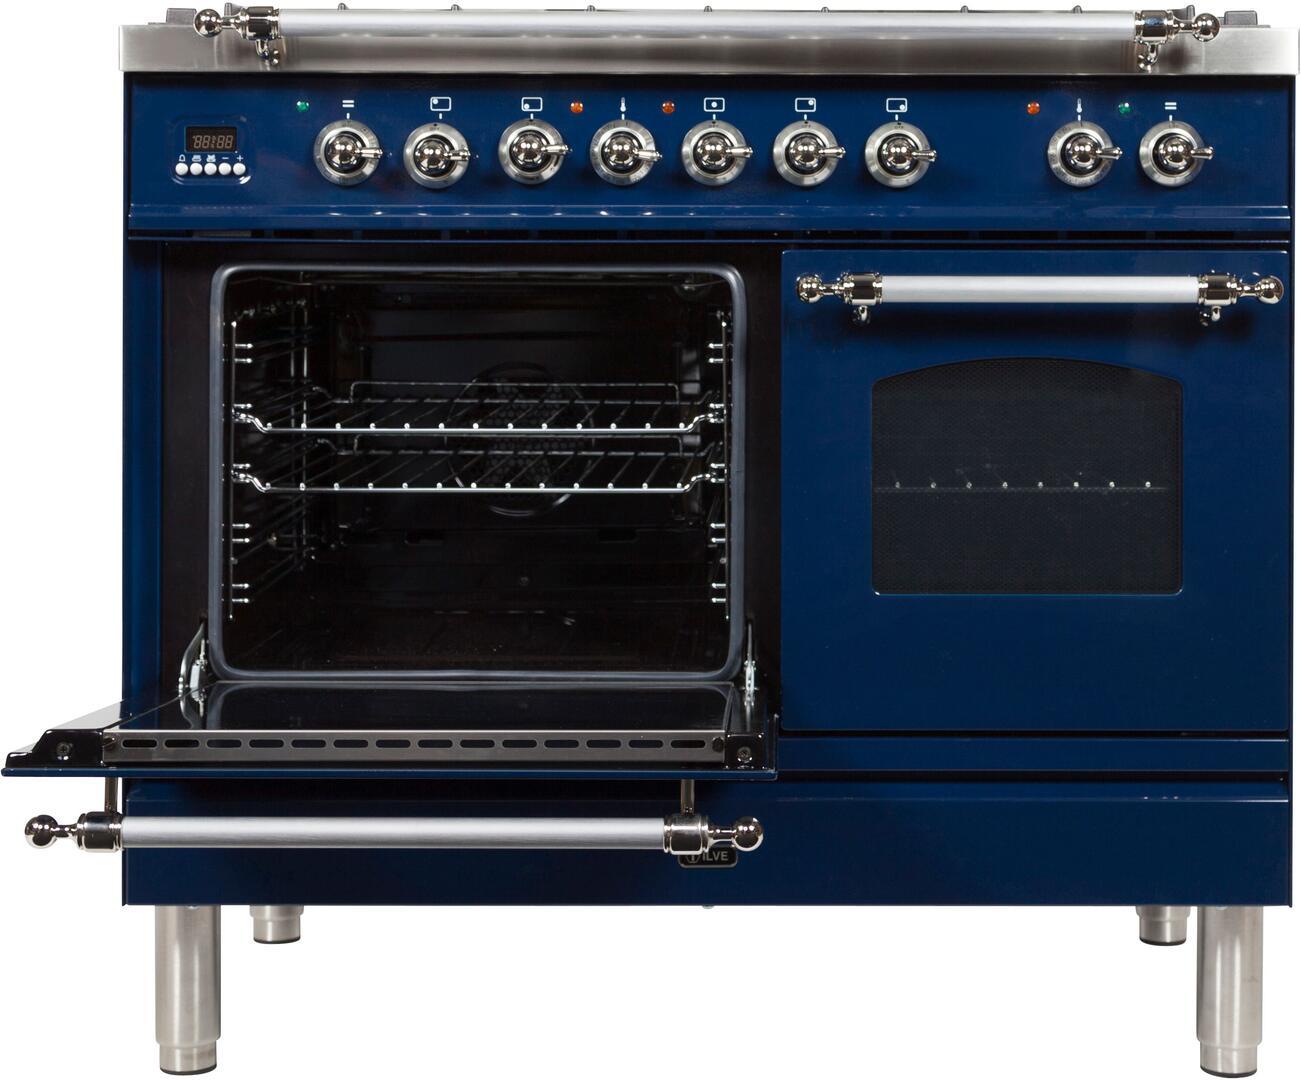 Ilve Nostalgie UPDN100FDMPBLXLP Freestanding Dual Fuel Range Blue, UPDN100FDMPBLXLP Main Oven Door Opened